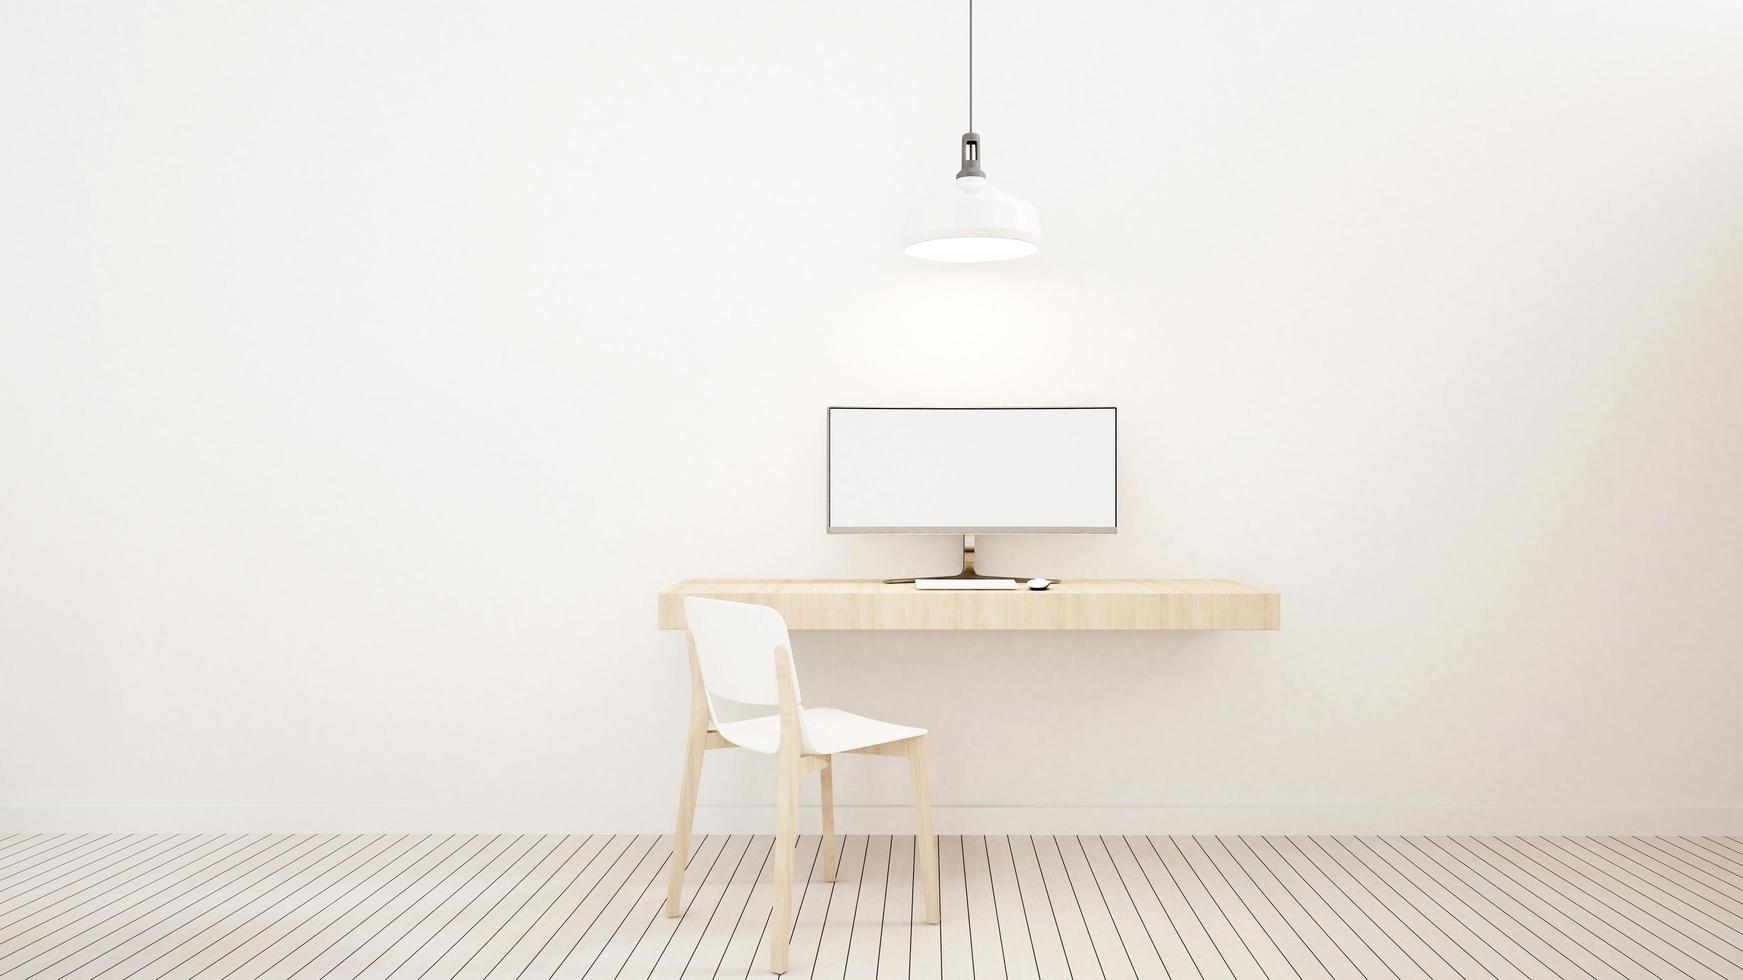 Tono blanco del espacio de trabajo en casa o apartamento. foto